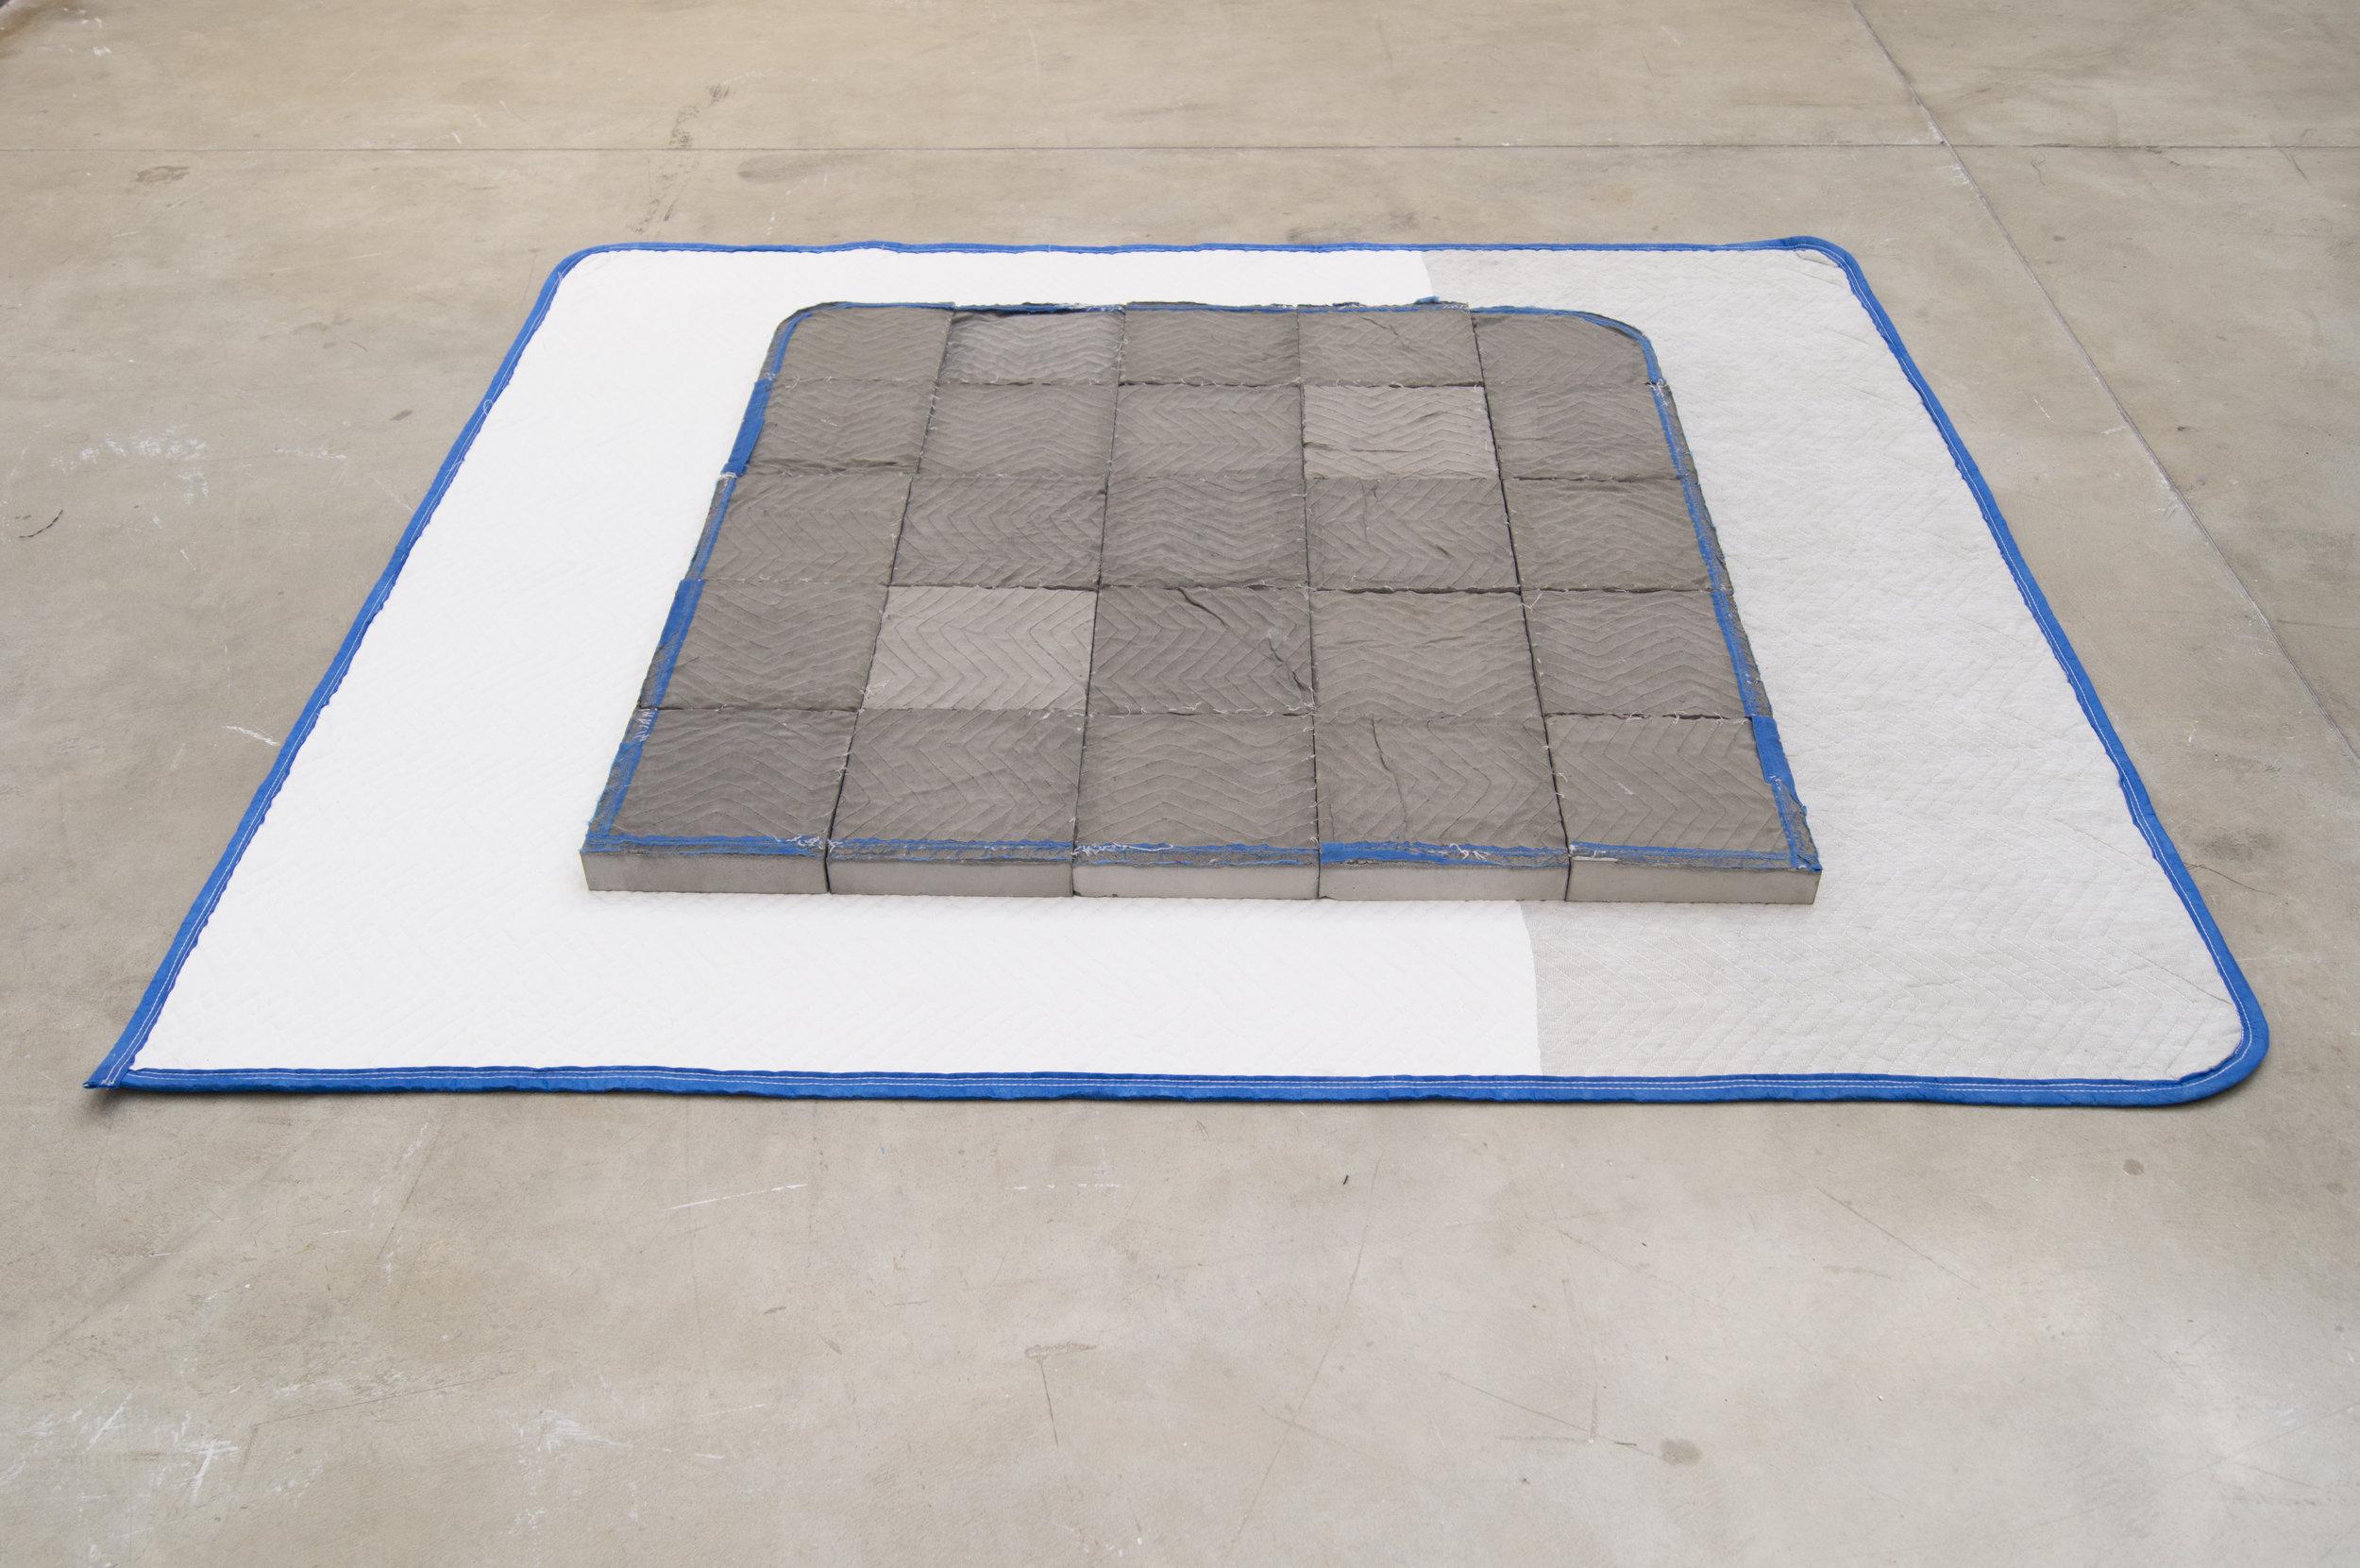 concreteblkt1DSC03285.jpg